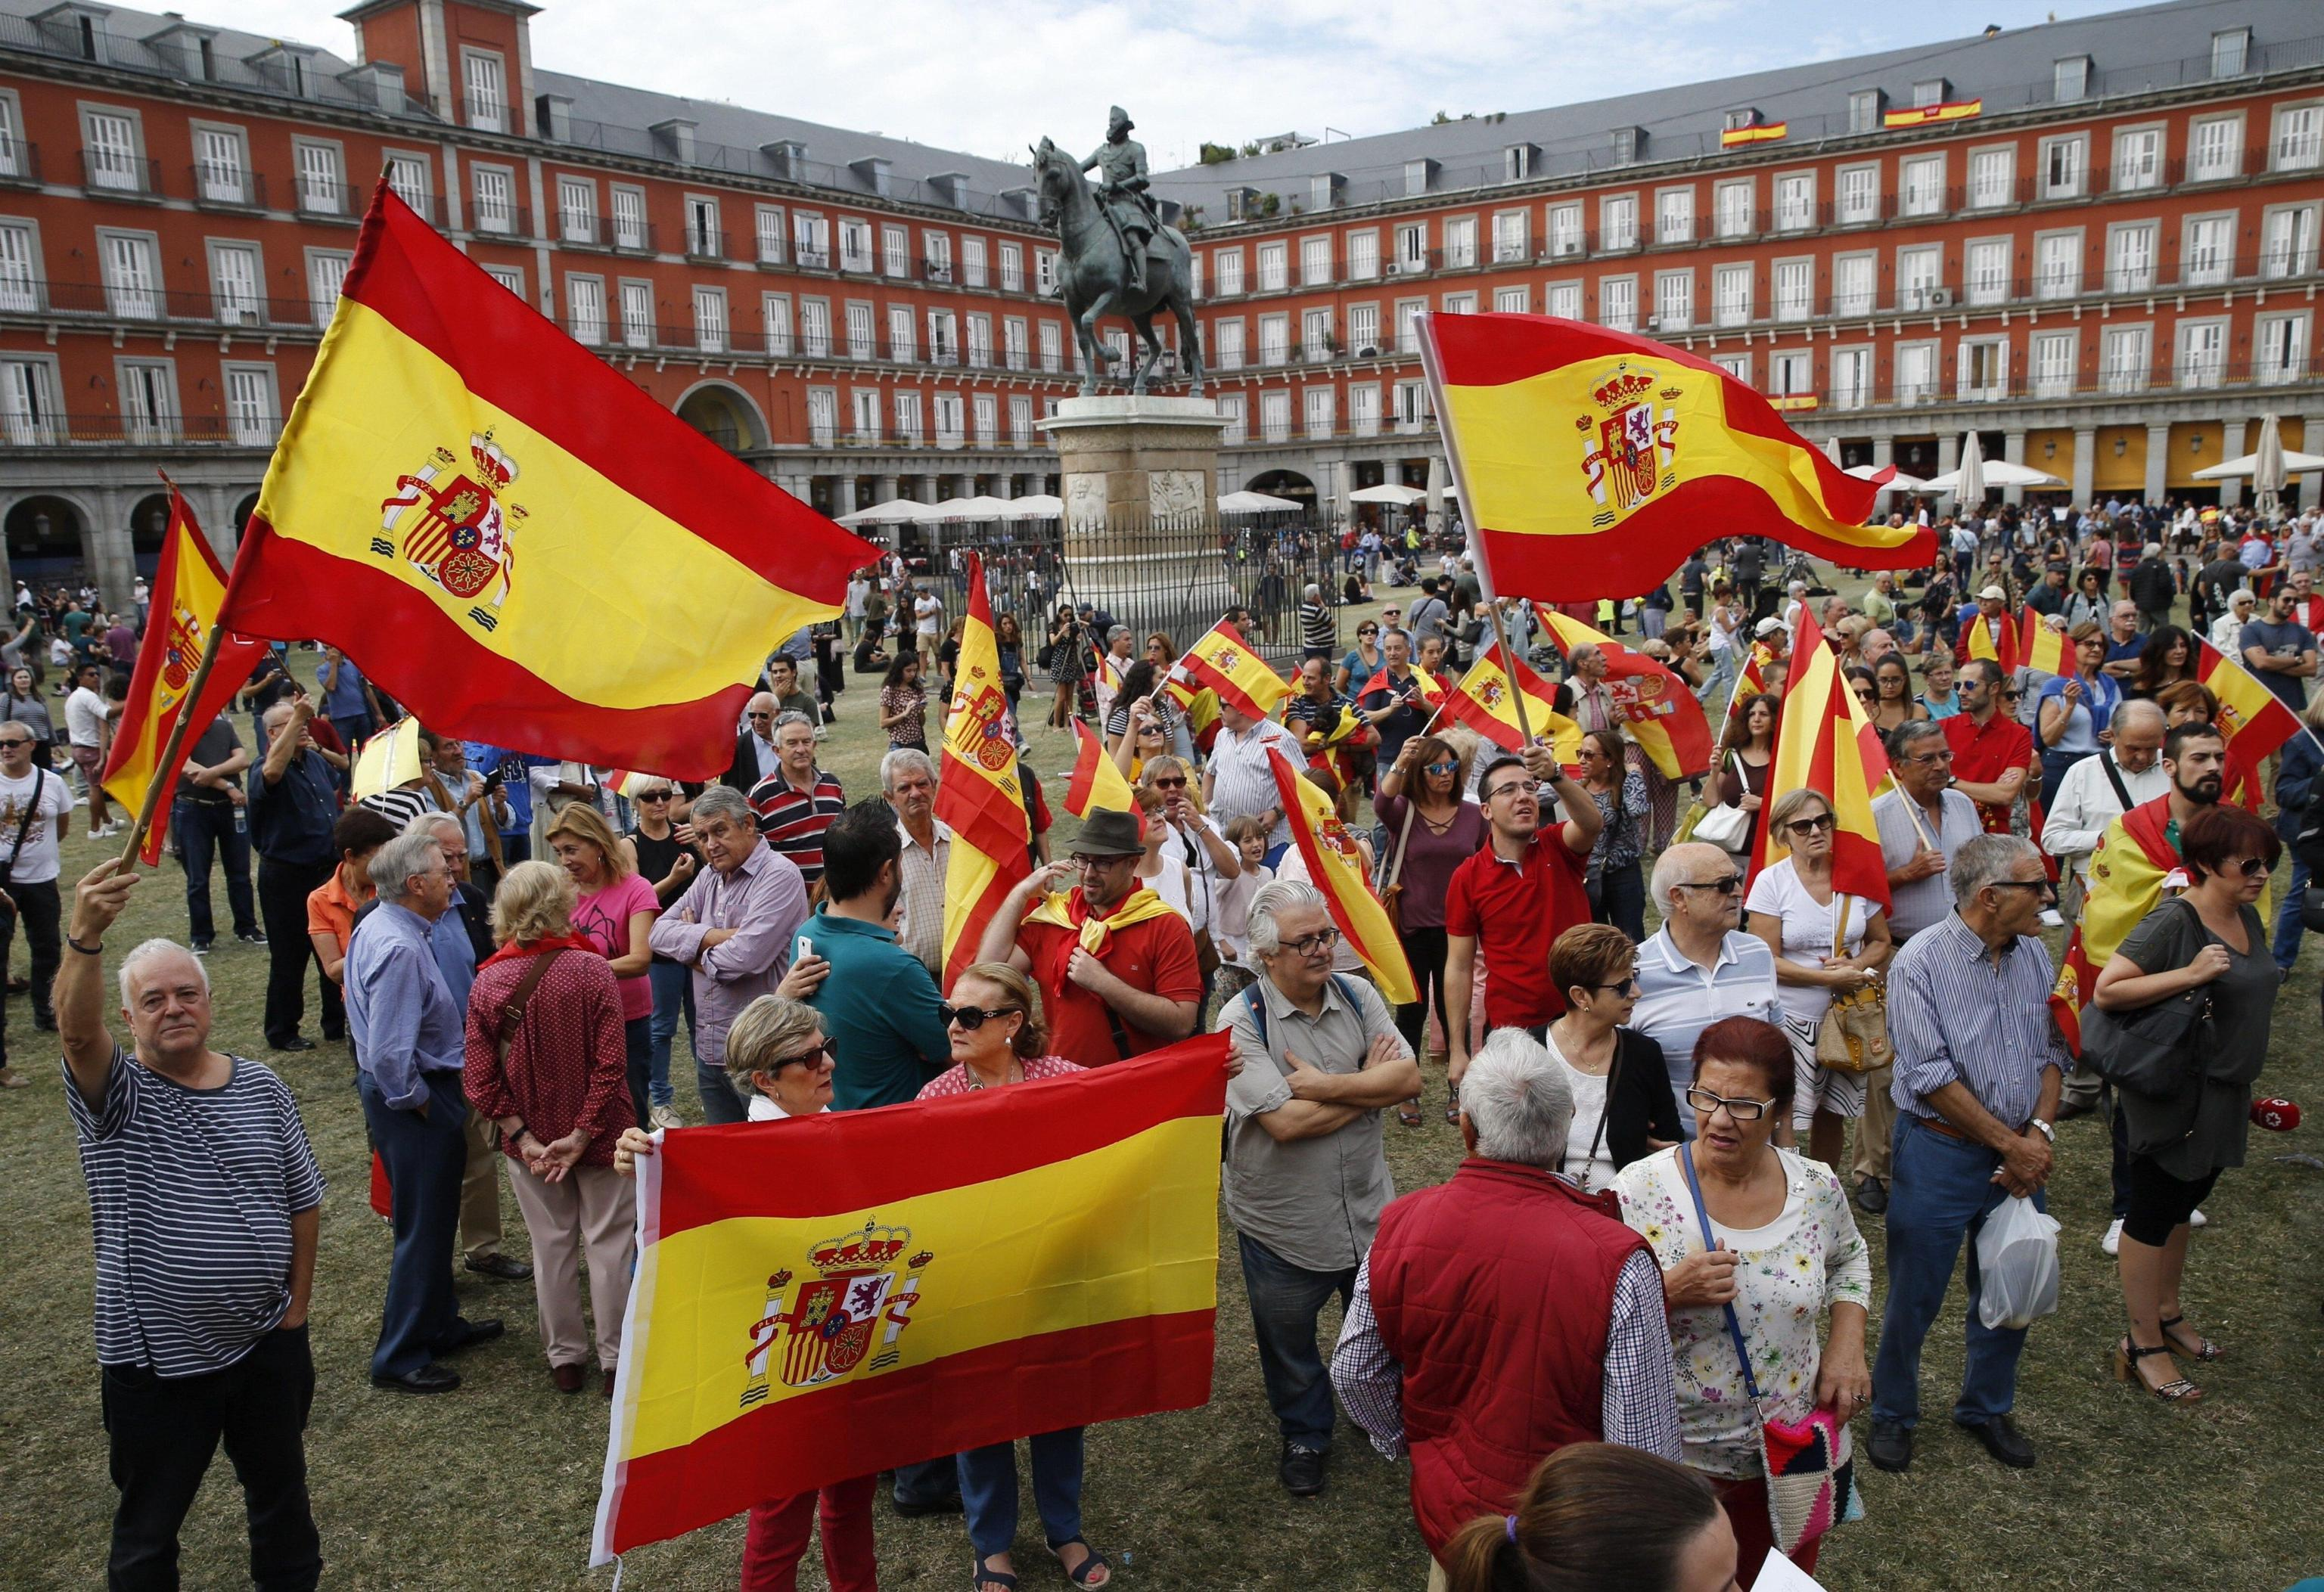 Referendum Catalogna, i motivi e le reazioni sull'indipendenza